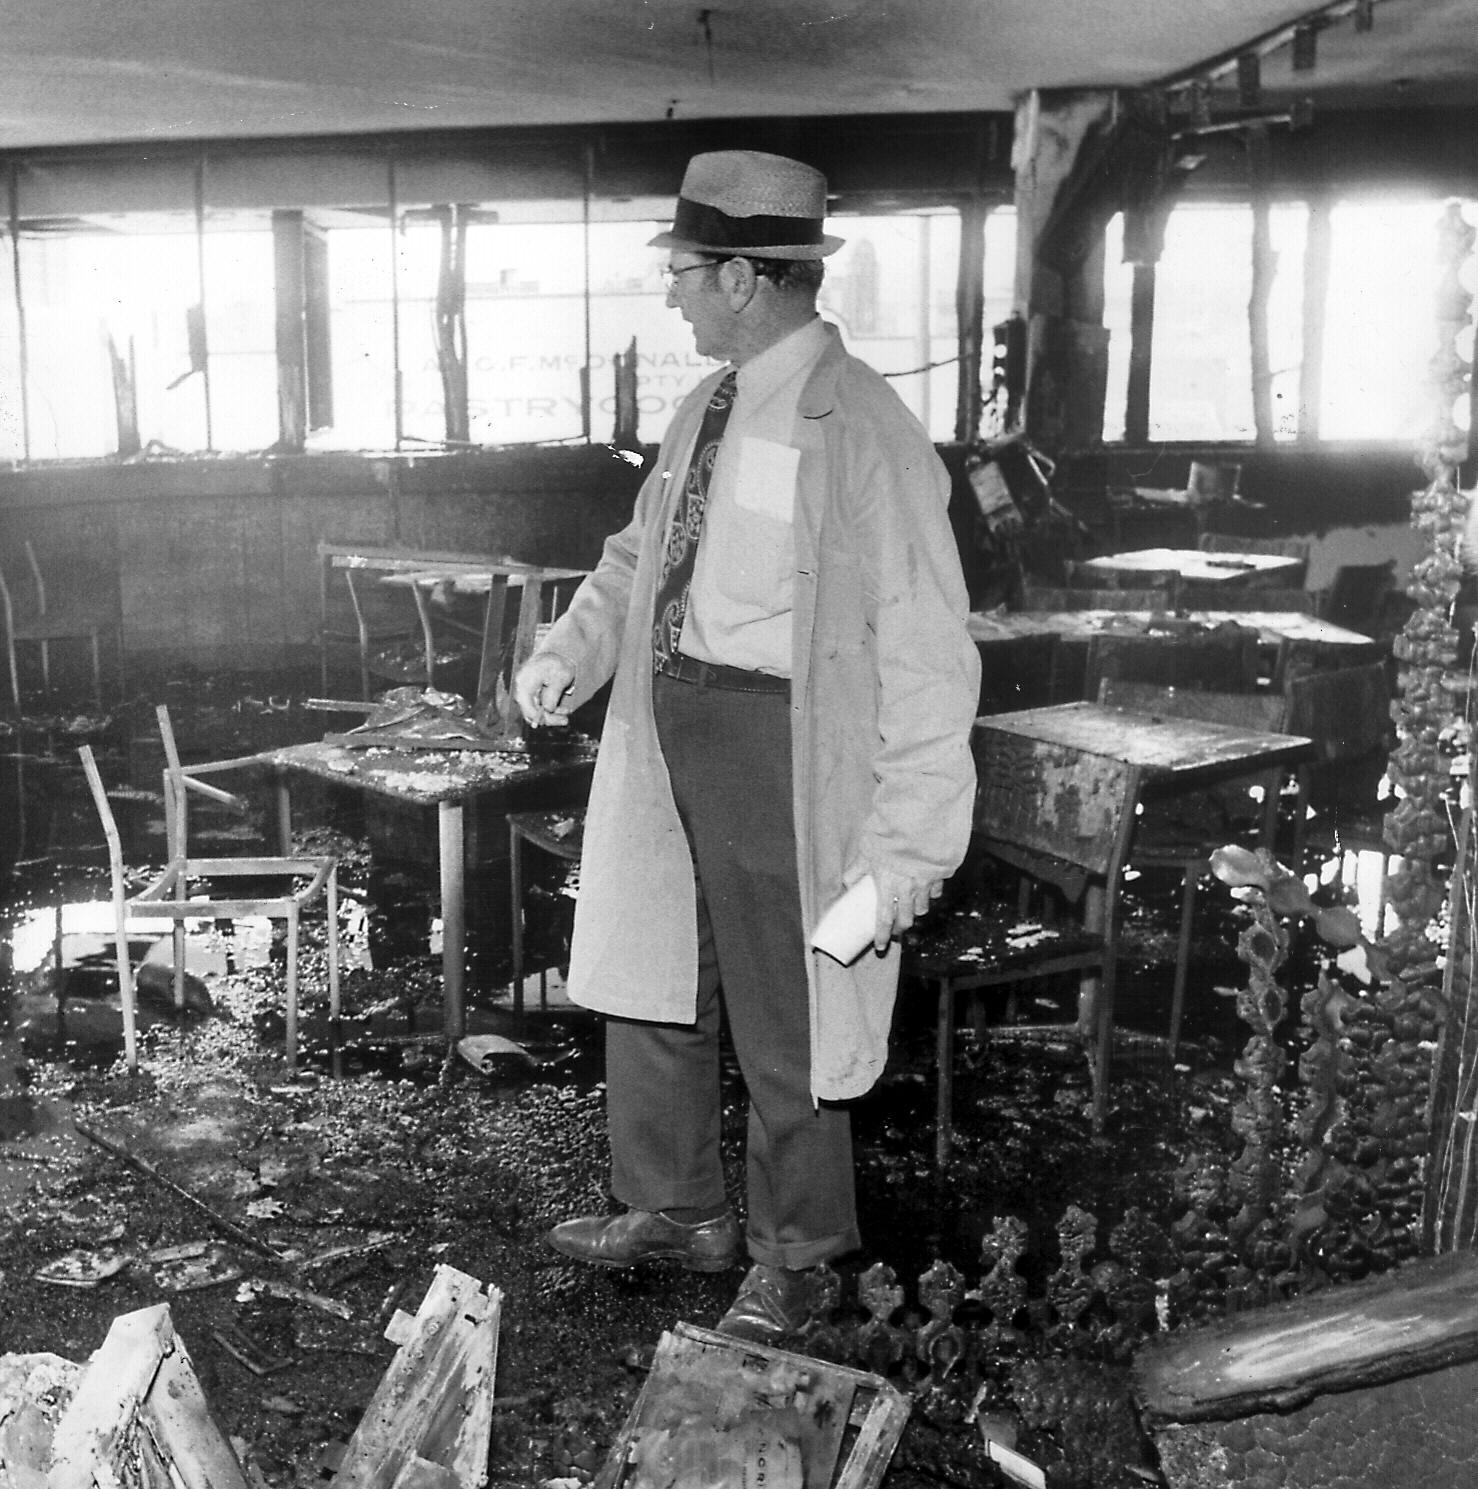 Inspector L Bardwell of CIB Forensic Science inside bombed Whiskey Au Go Go nightclub, Brisbane in 1973.